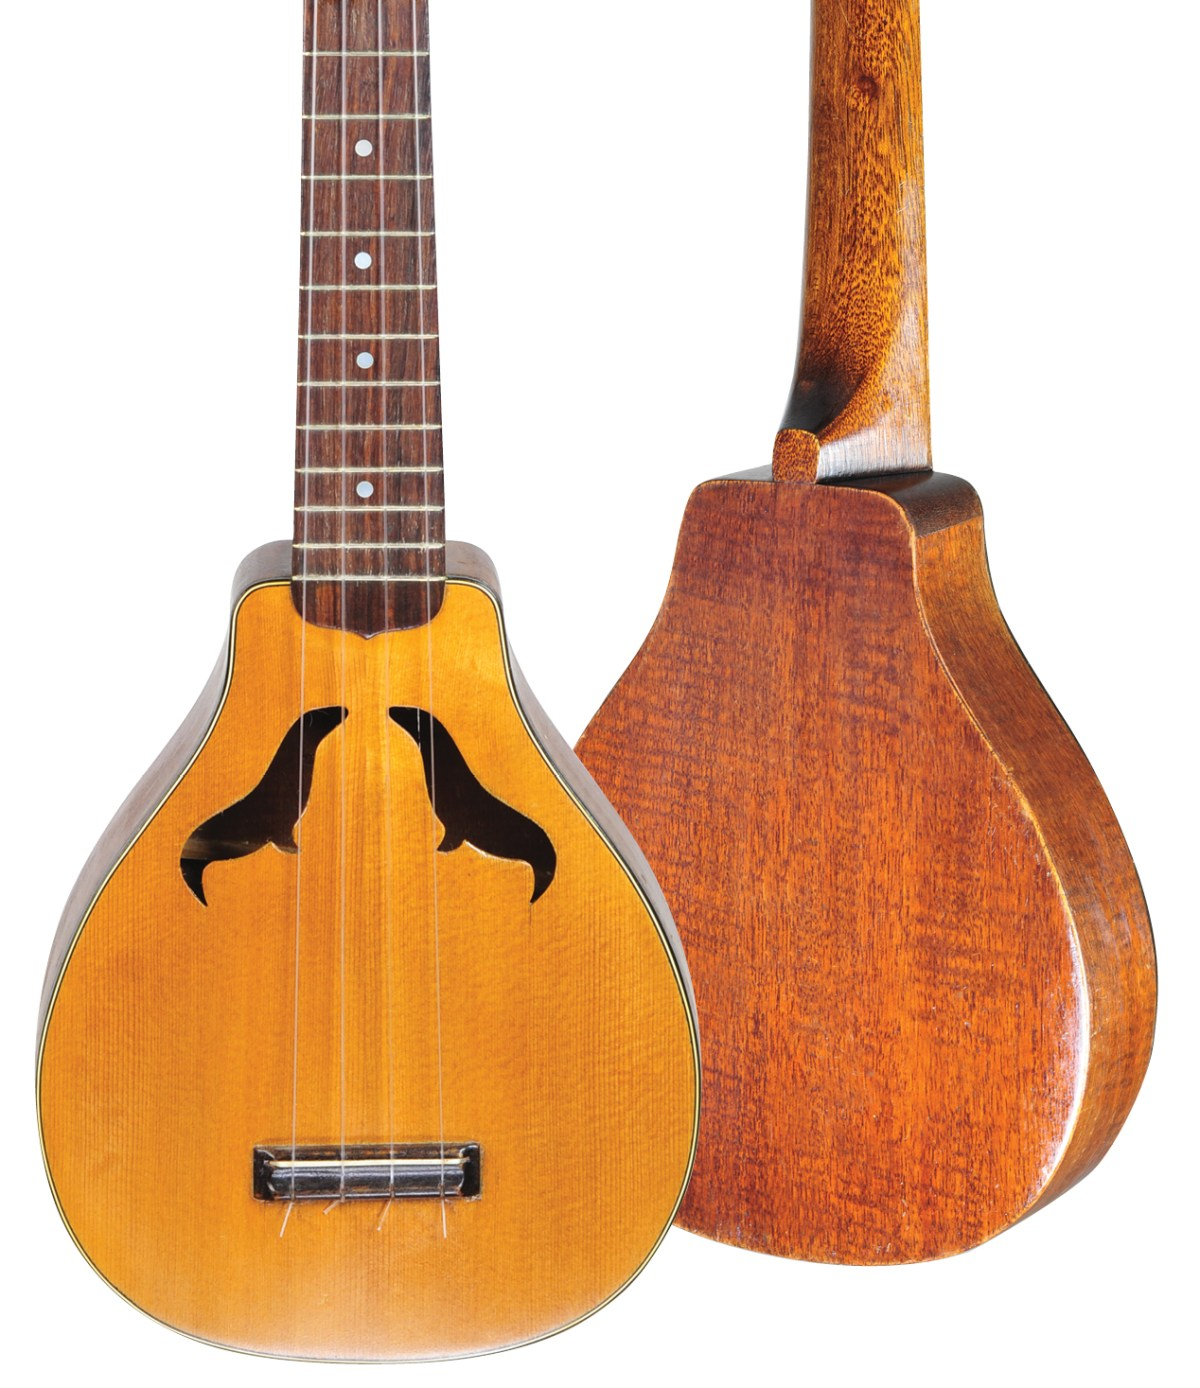 roy-smeck-great-ukes-vita-ukulele-magazine-historic-details-wood